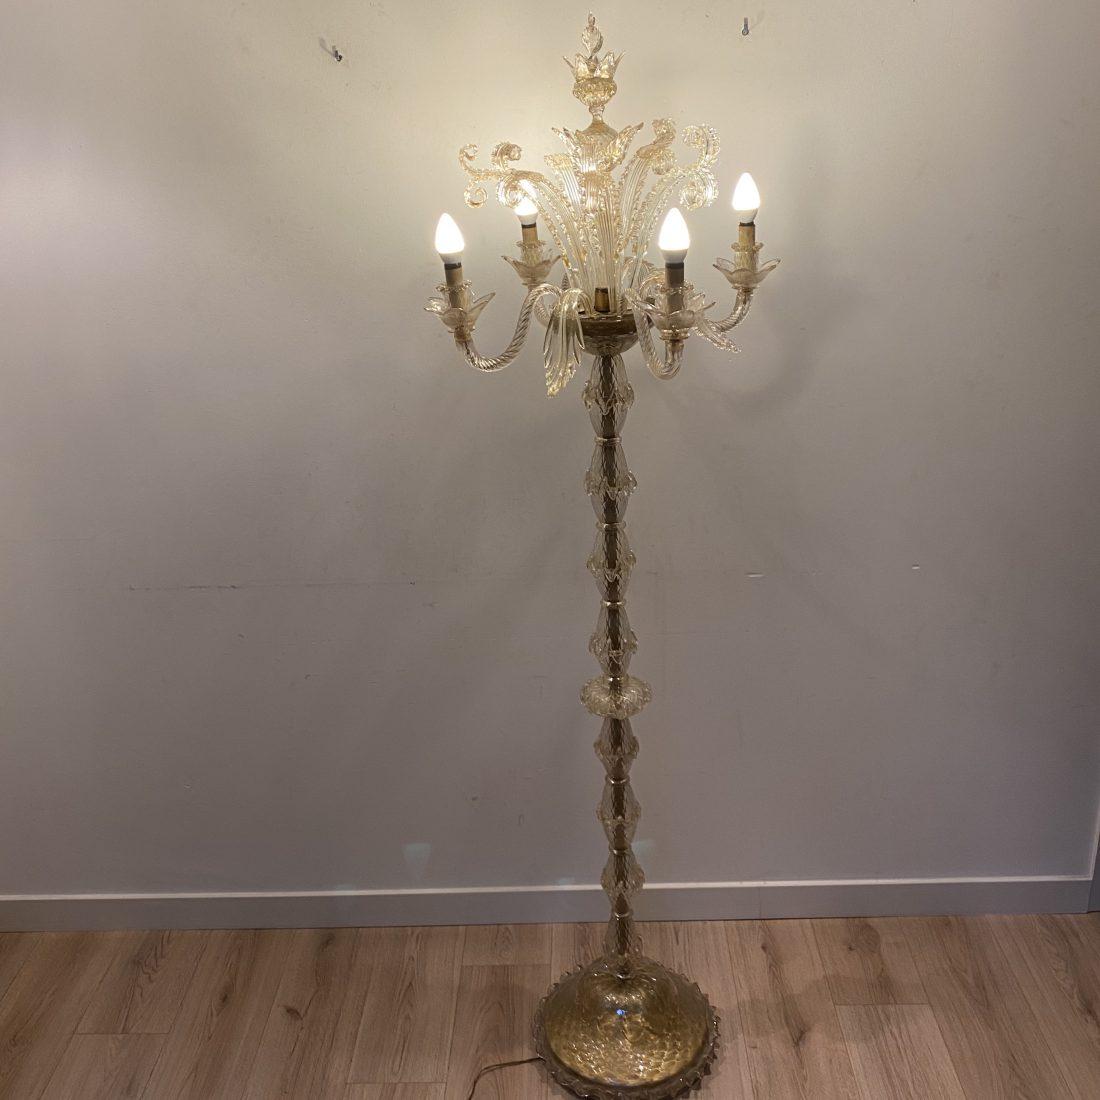 Een goud/witte grote vier-armige staande Murano lamp, Italië, jaren 60